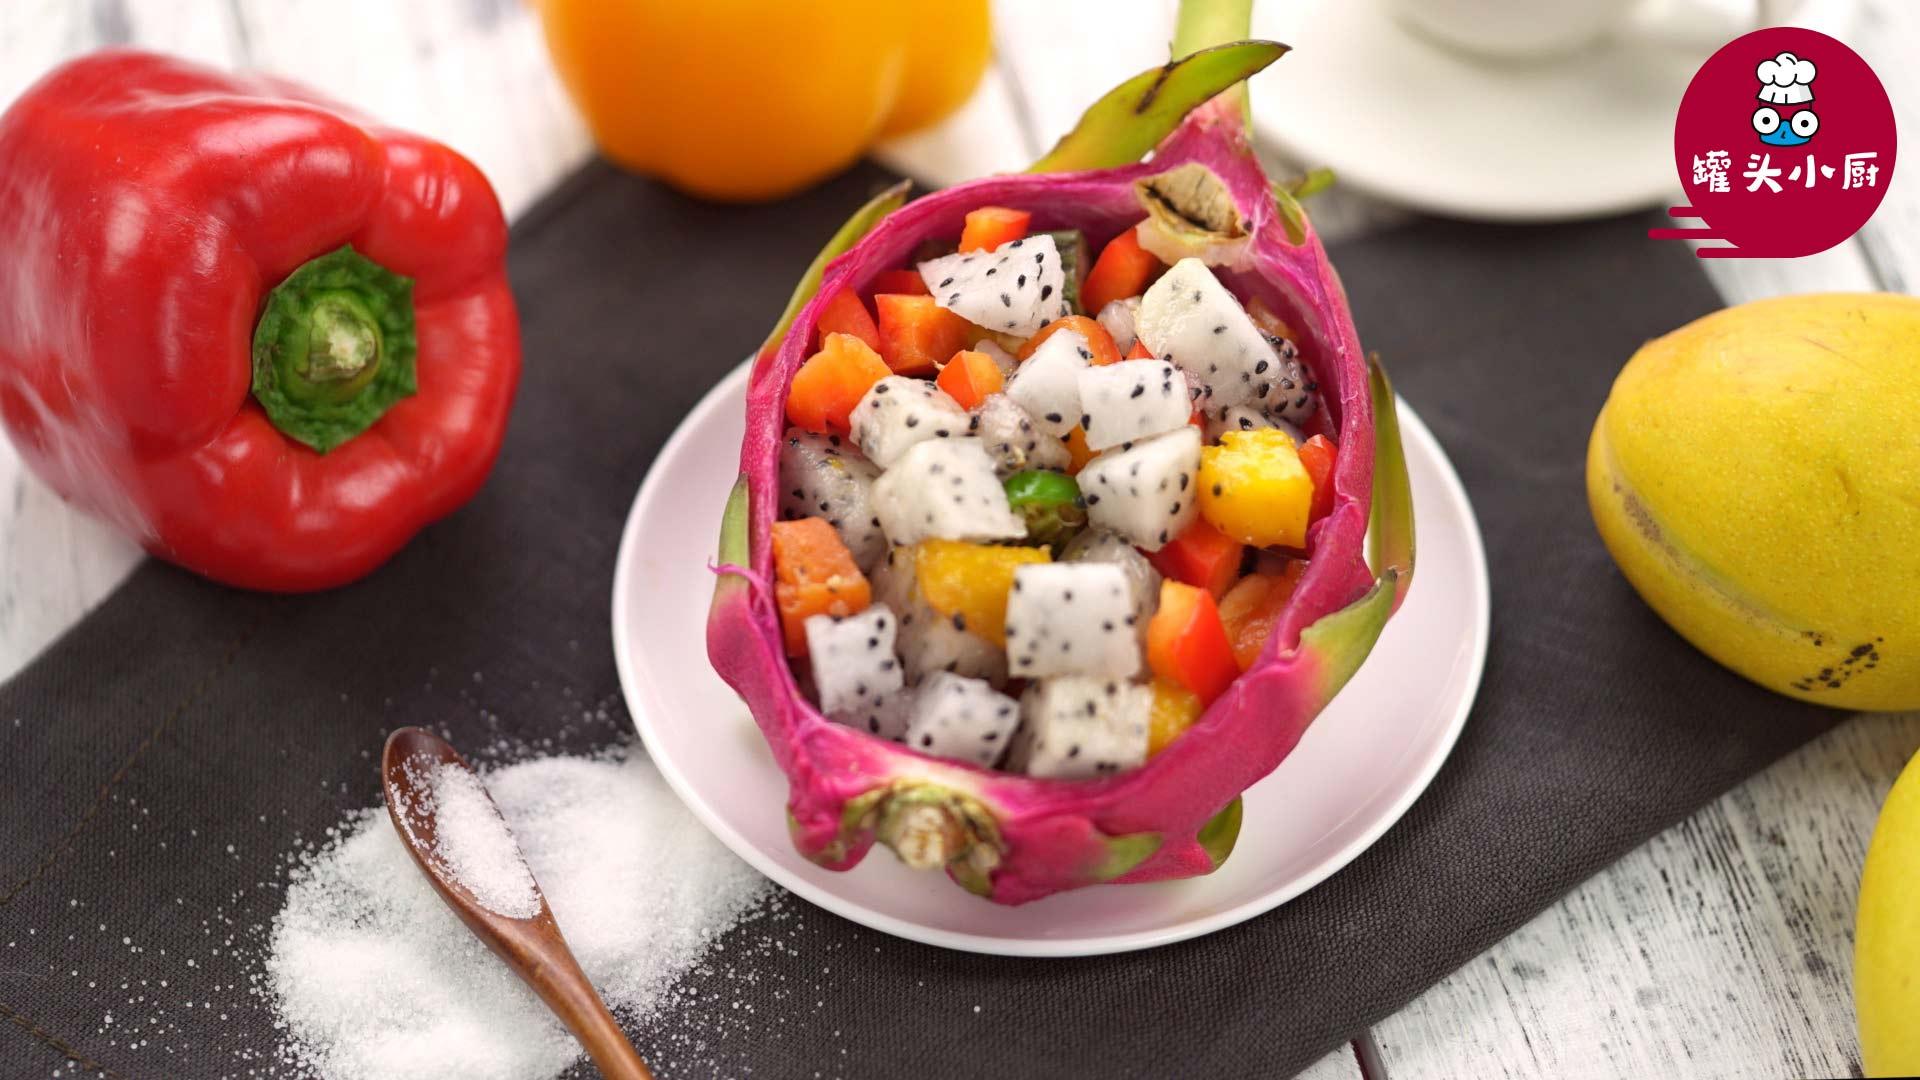 龙凤呈祥蔬果汇,创意减肥搭配